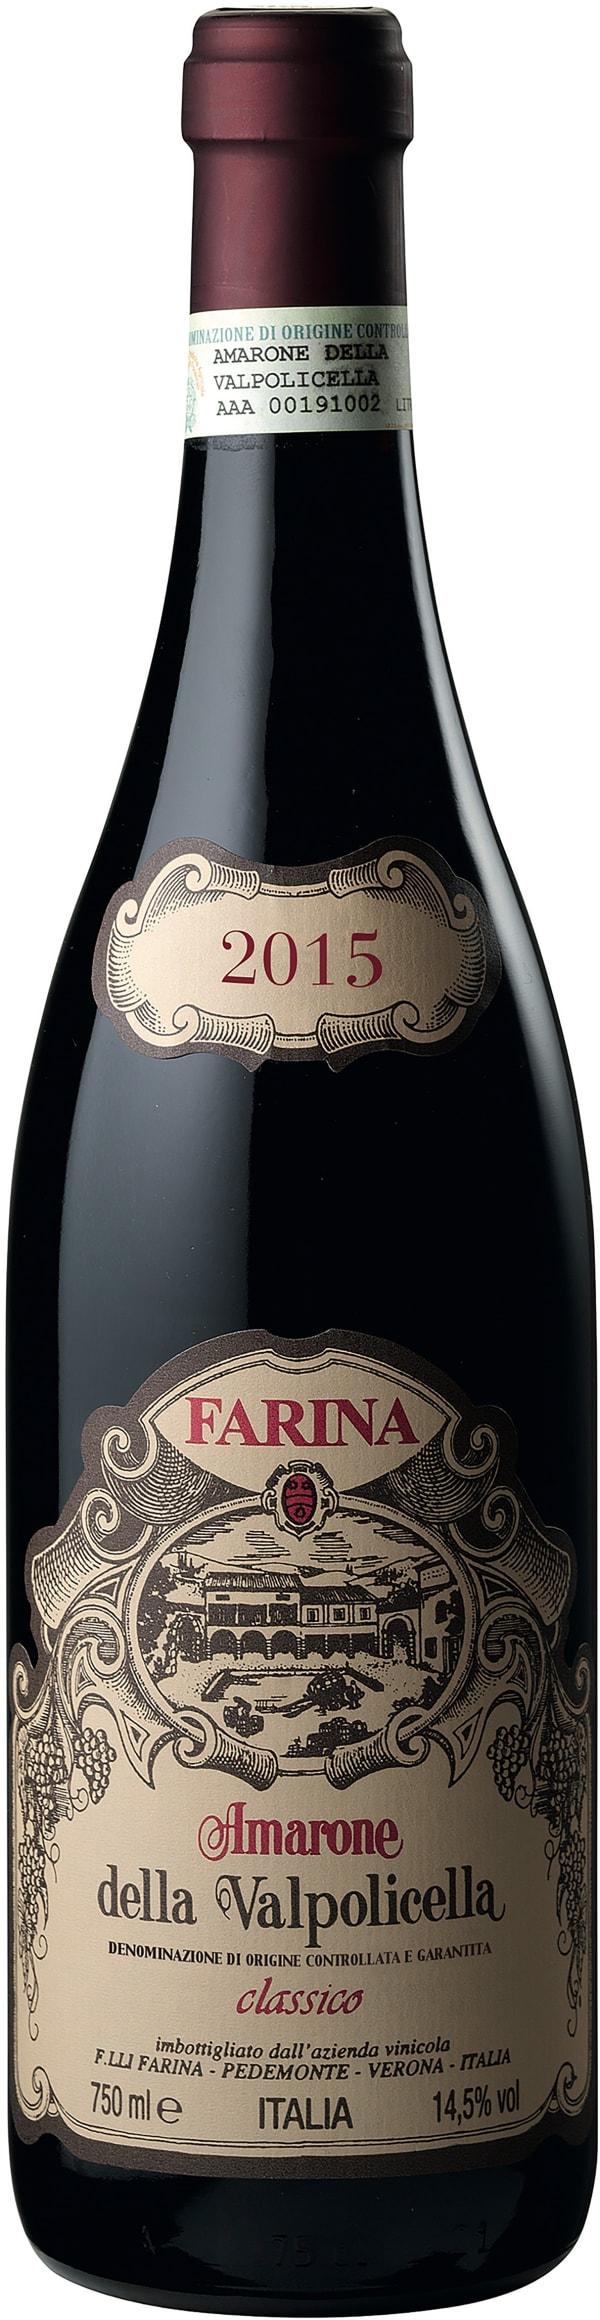 Farina Amarone della Valpolicella Classico 2015